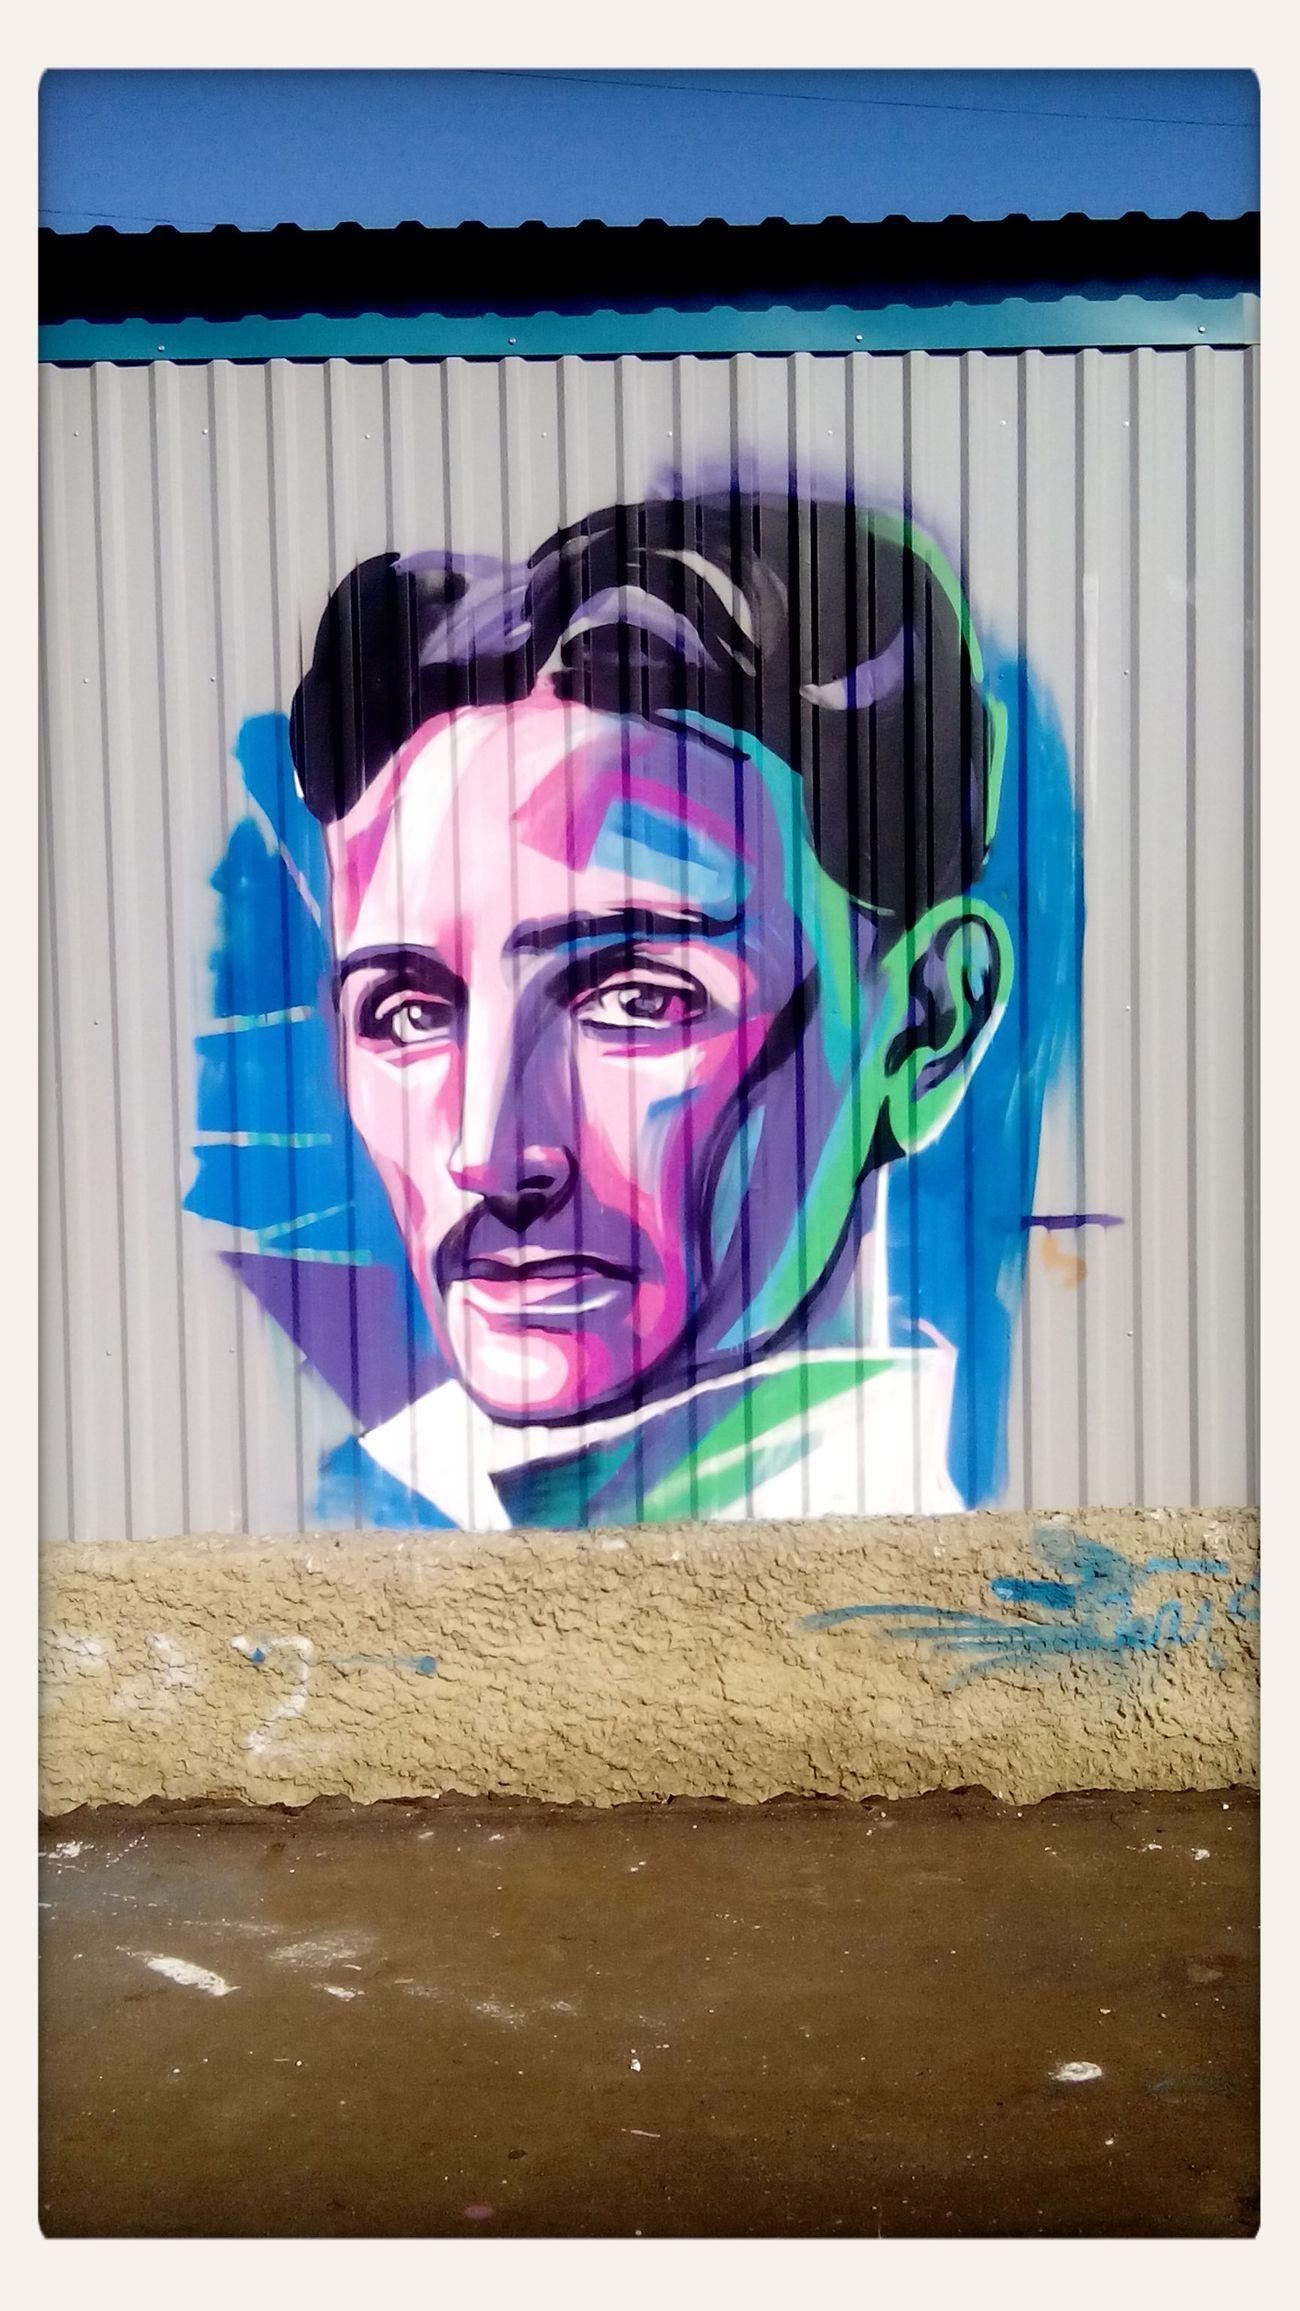 Стрит-арт на стене подстанции. Никола Тесла стритарт Граффити искусство наука